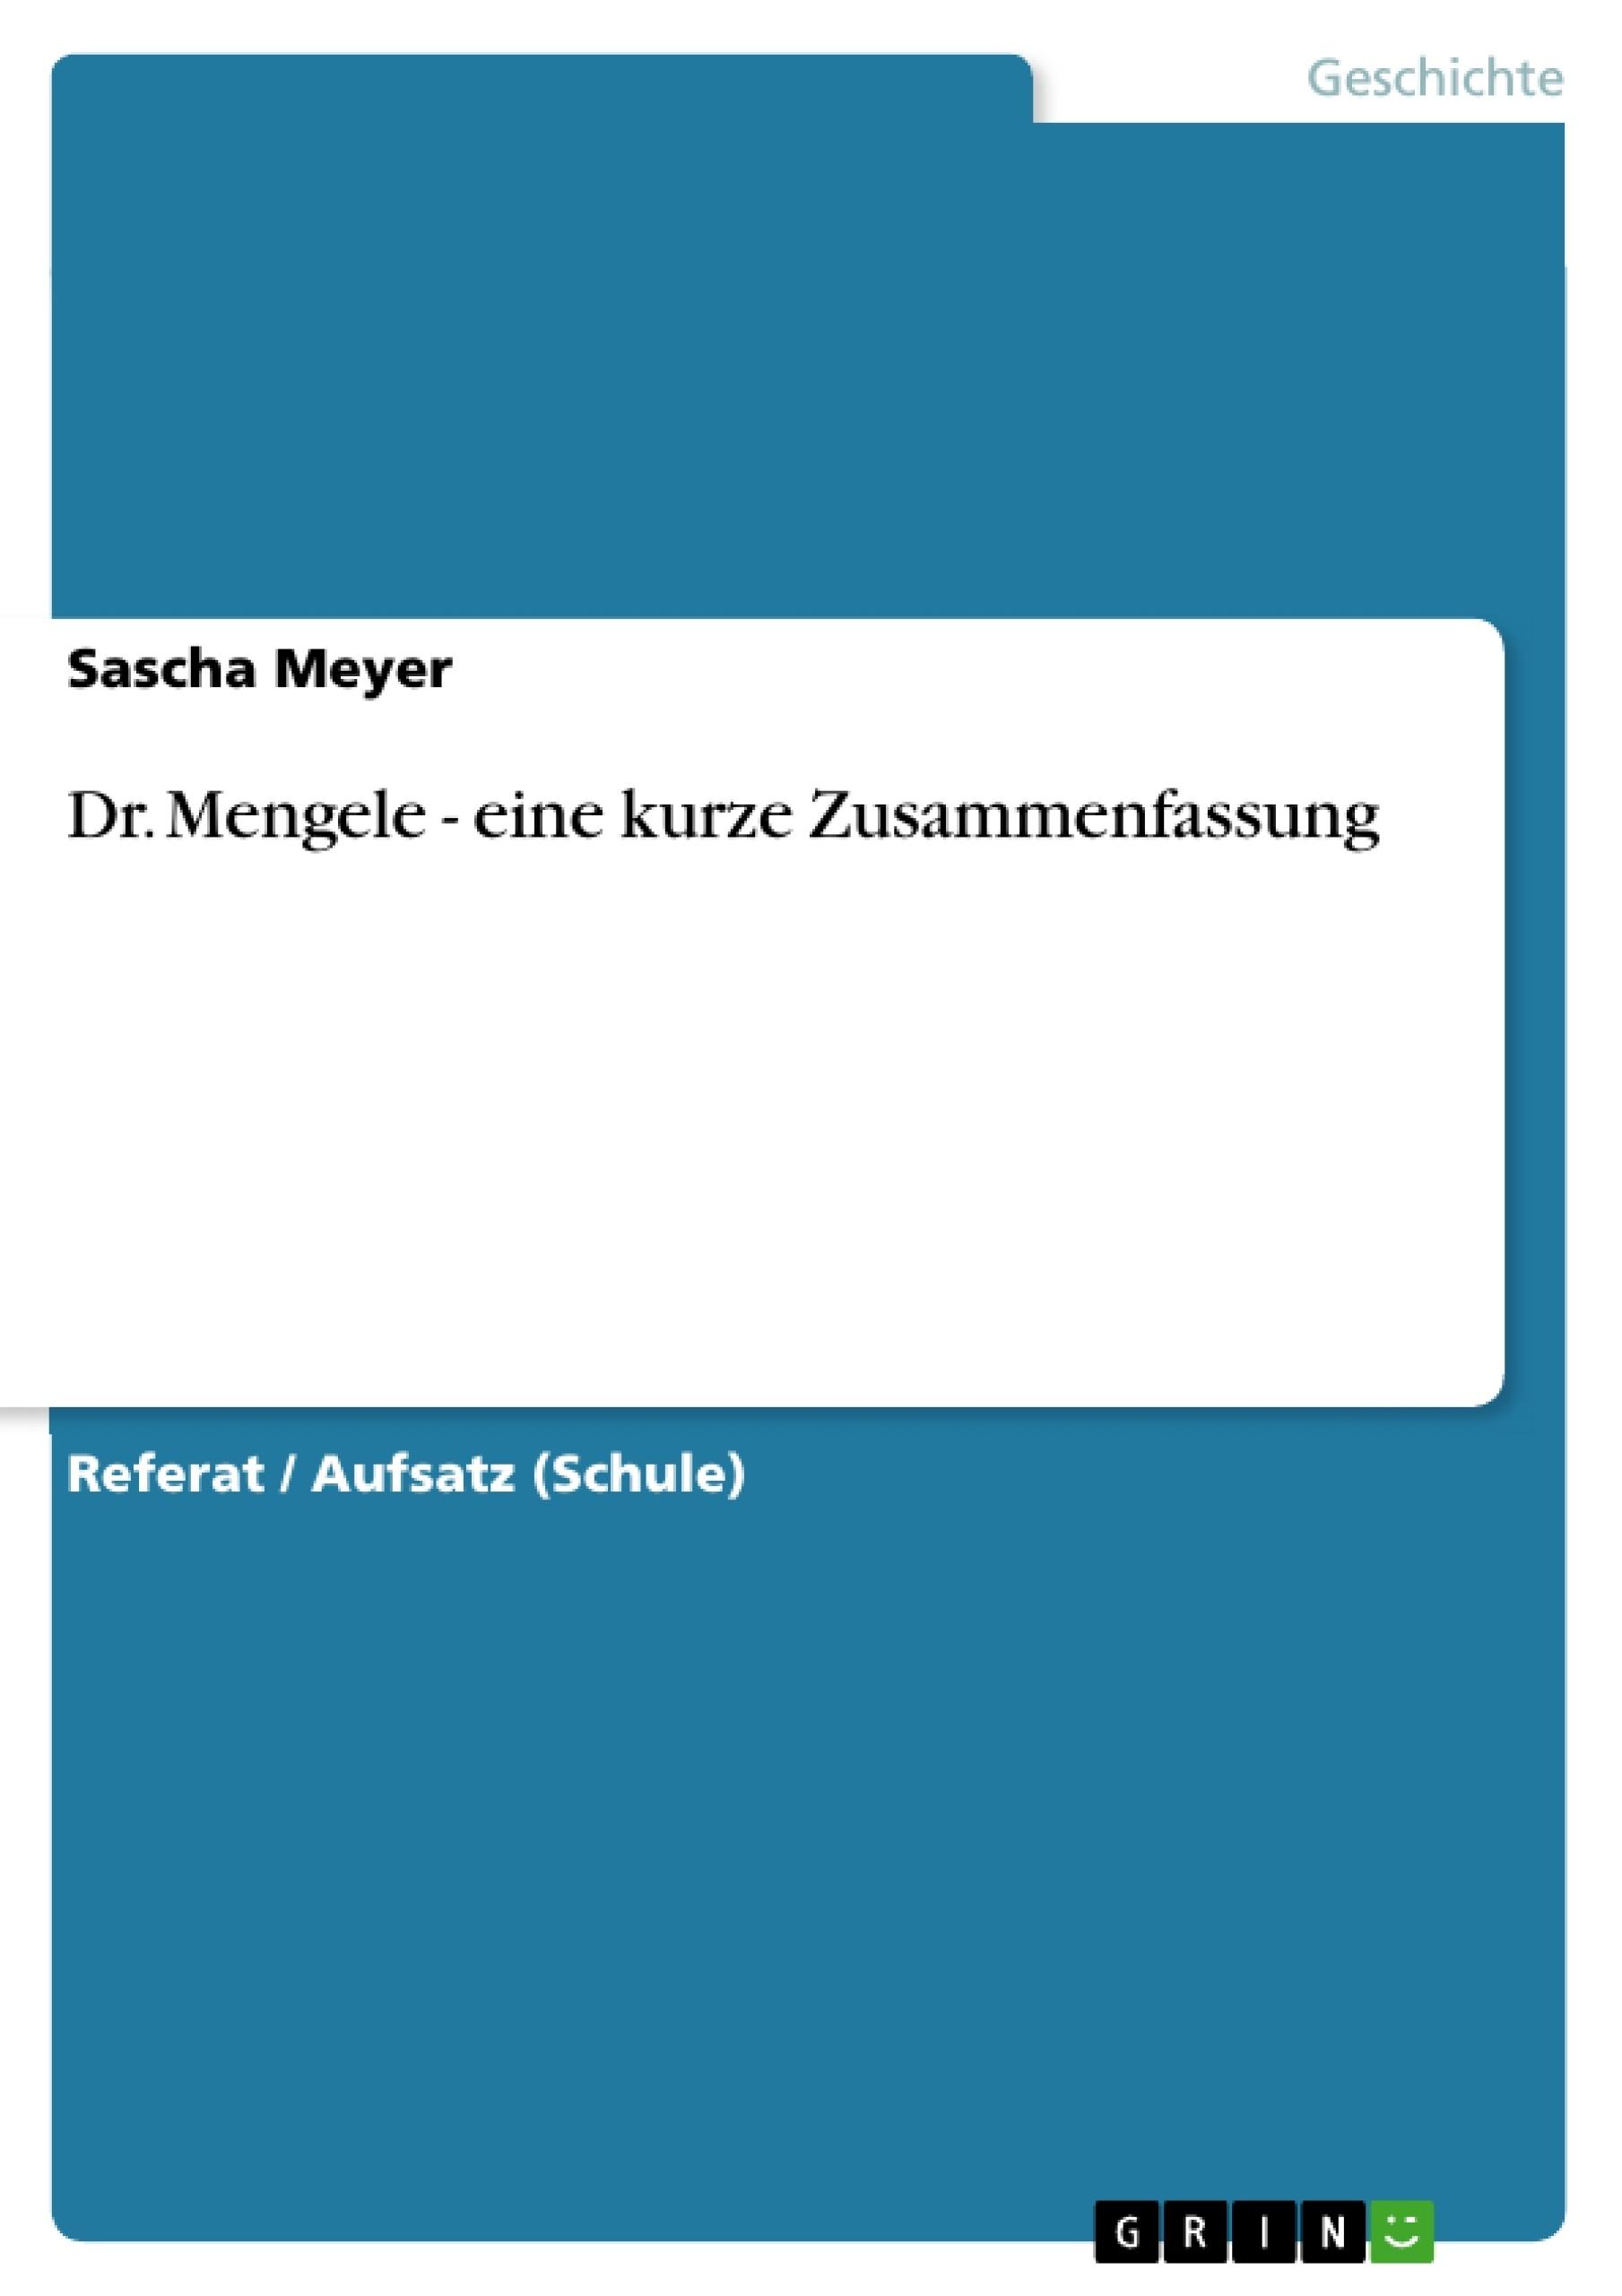 Titel: Dr. Mengele - eine kurze Zusammenfassung